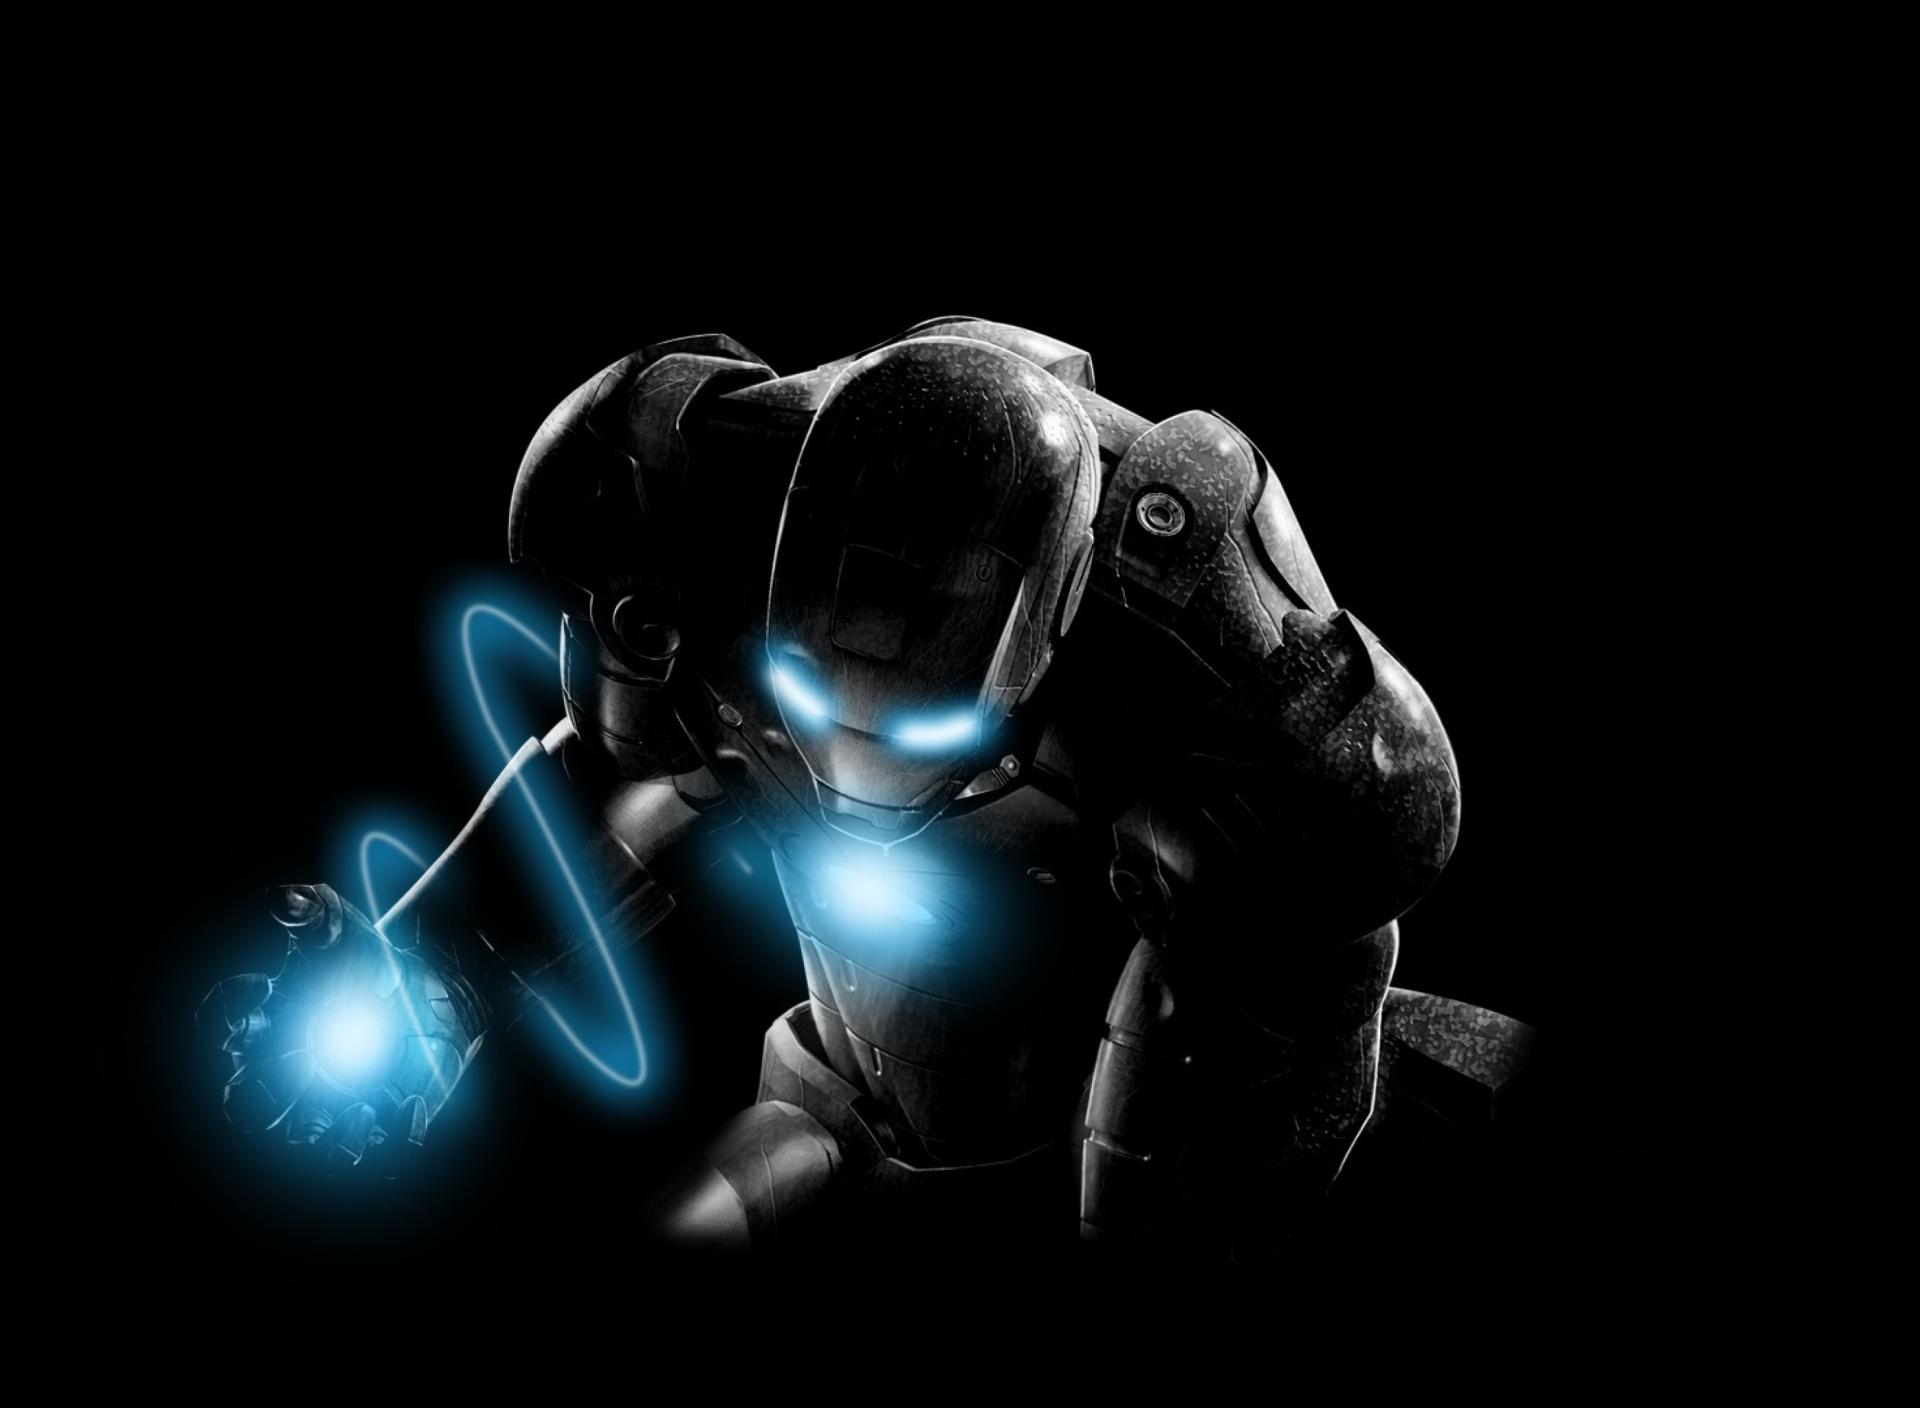 Mysterious Iron Man 1920x1408 wallpaper1920X1408 wallpaper screensaver 1920x1408